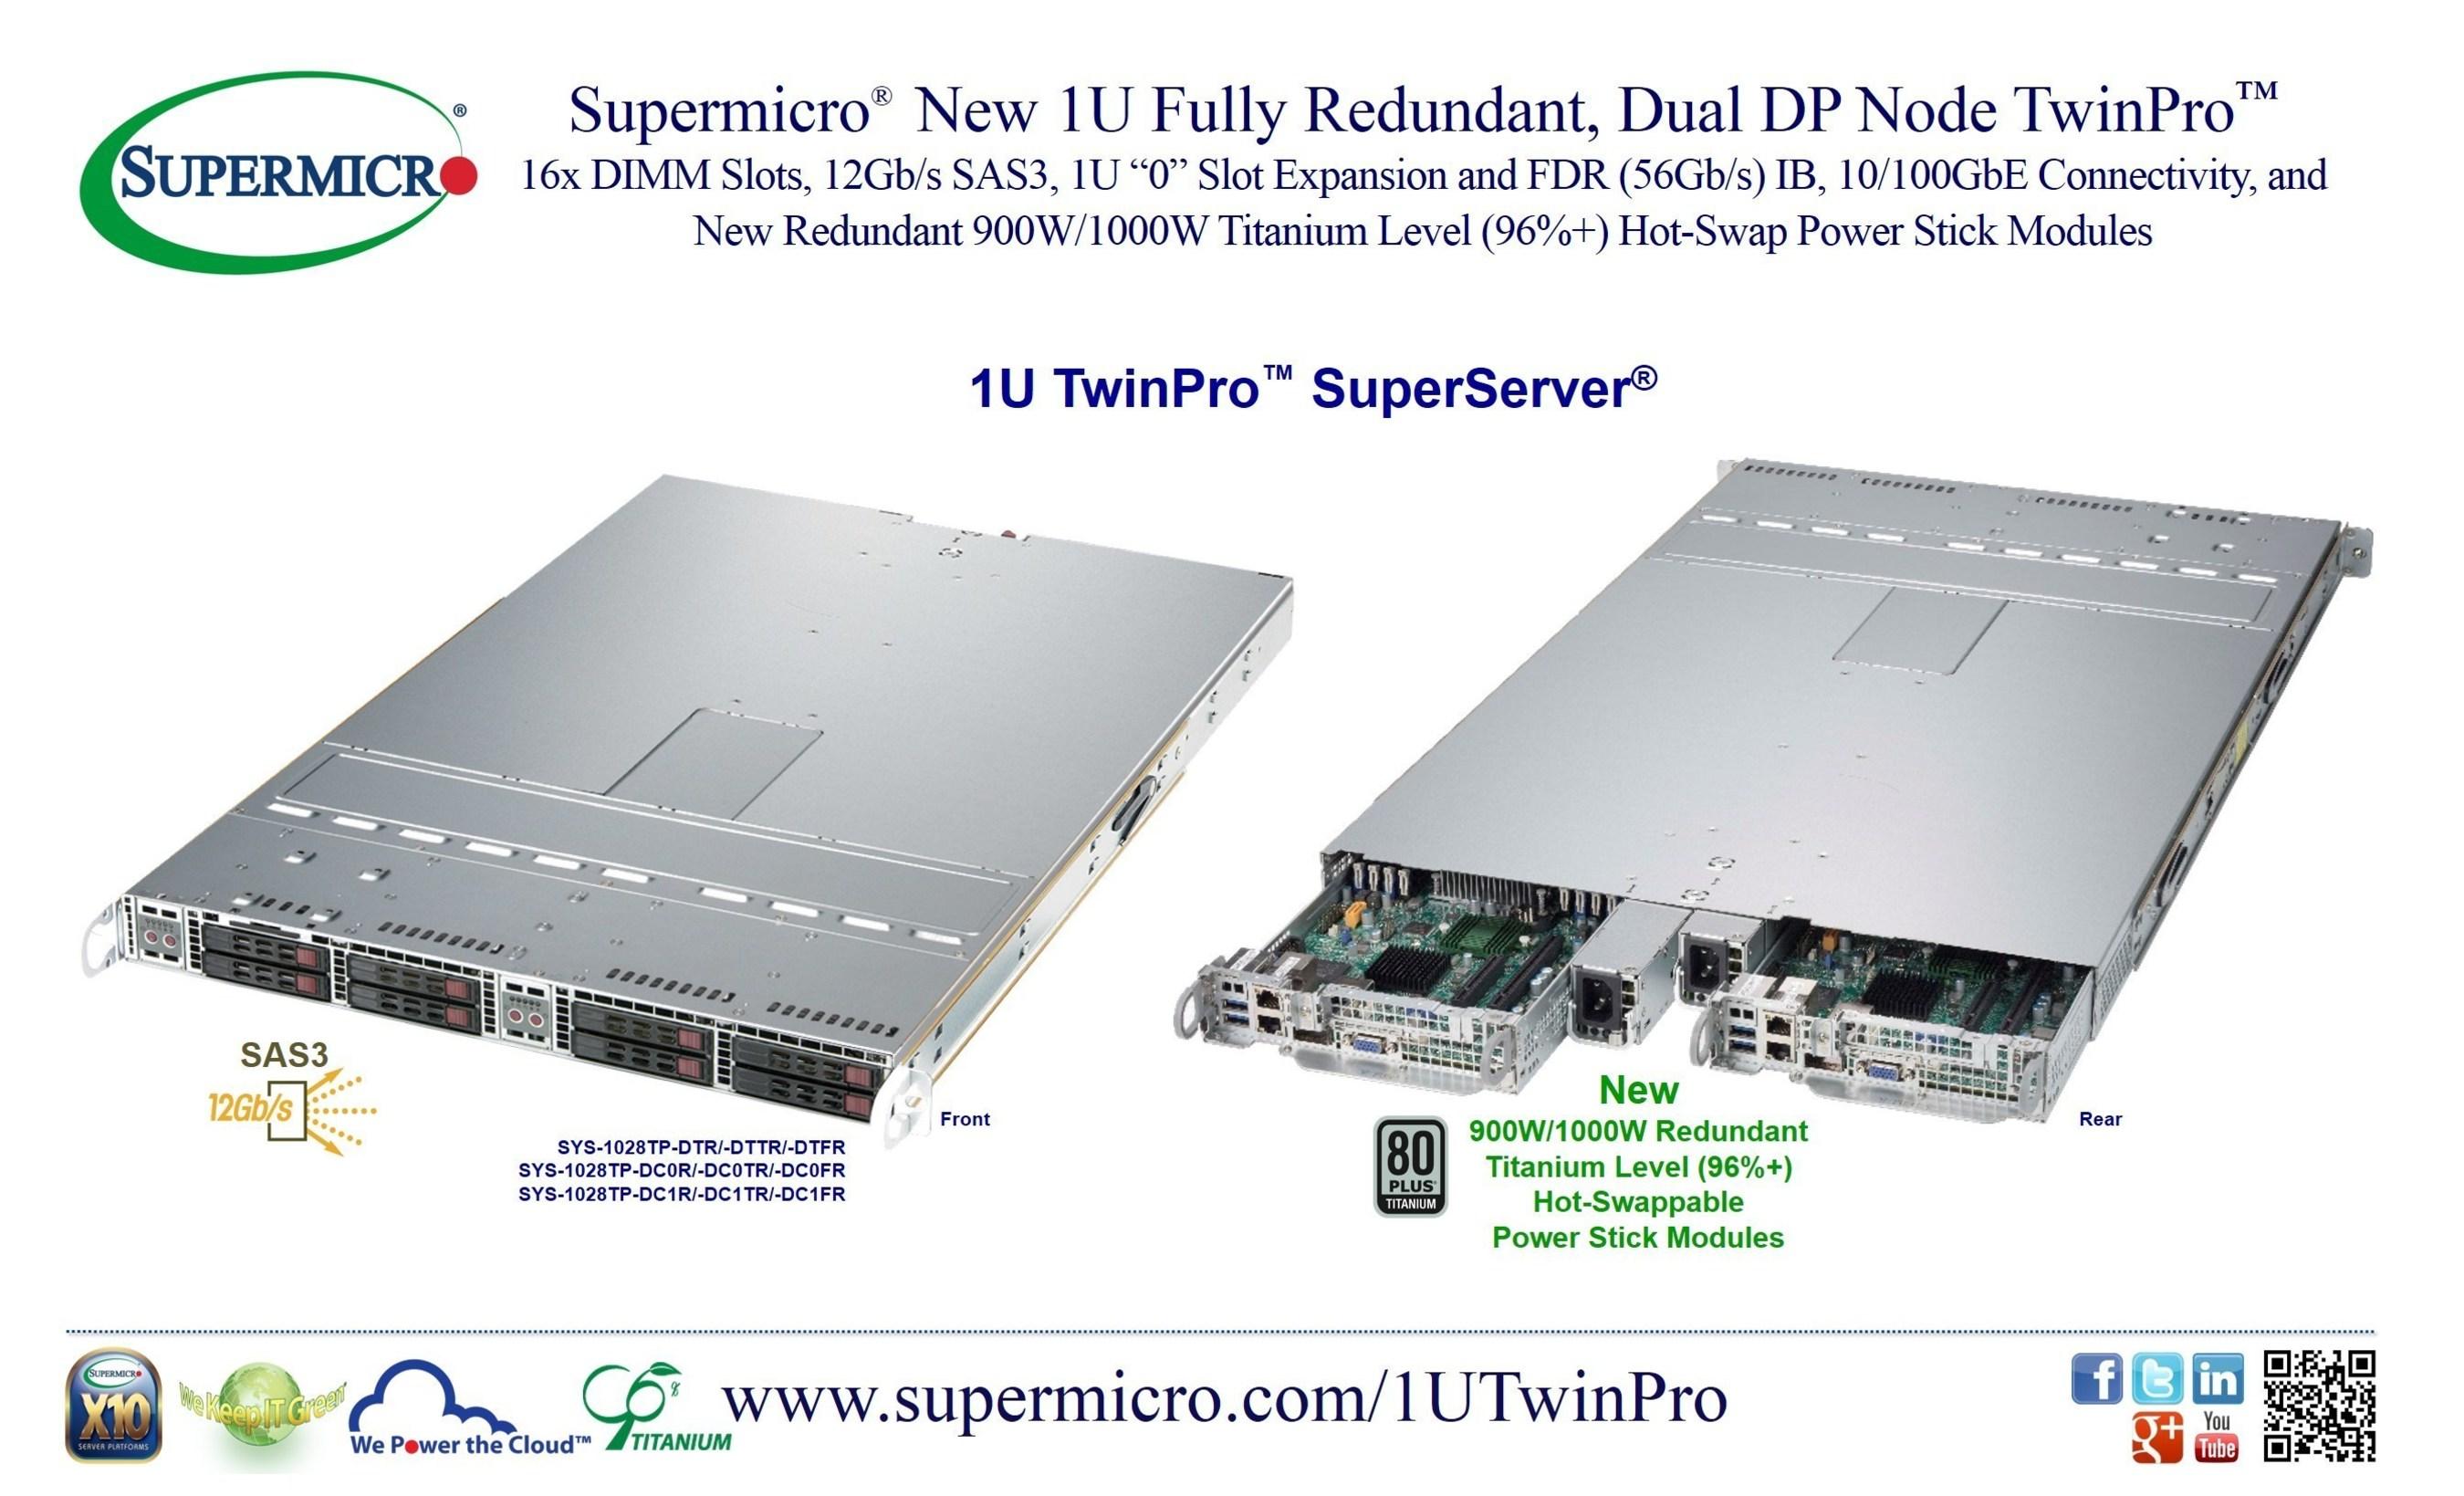 Supermicro® lanza el nuevo nodo DP dual 1U TwinPro™ completamente redundante SuperServer®